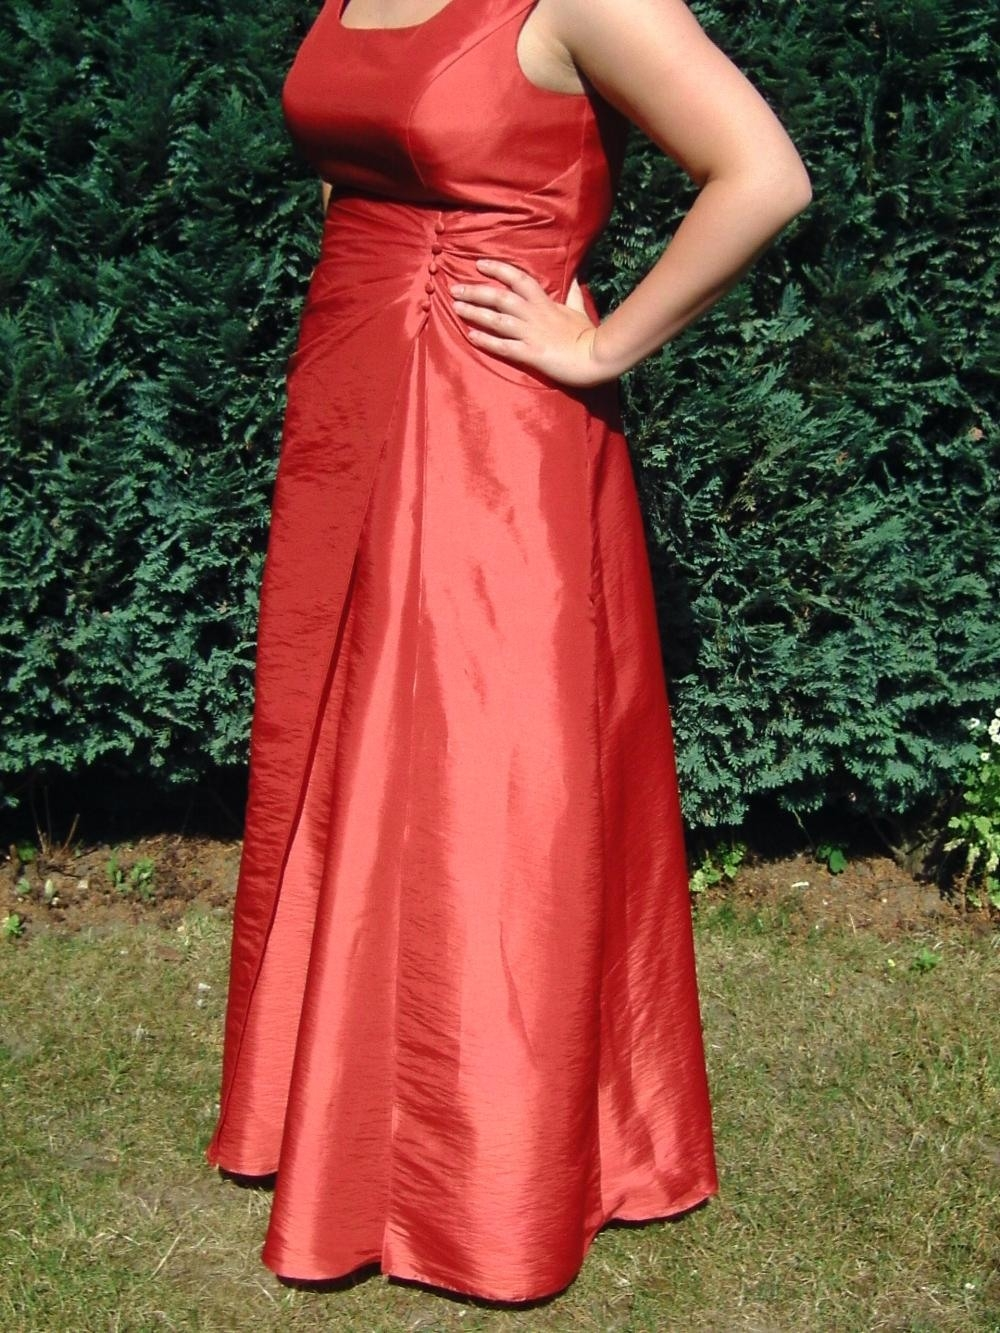 10 Luxurius Abendkleid 44 Vertrieb15 Top Abendkleid 44 Ärmel